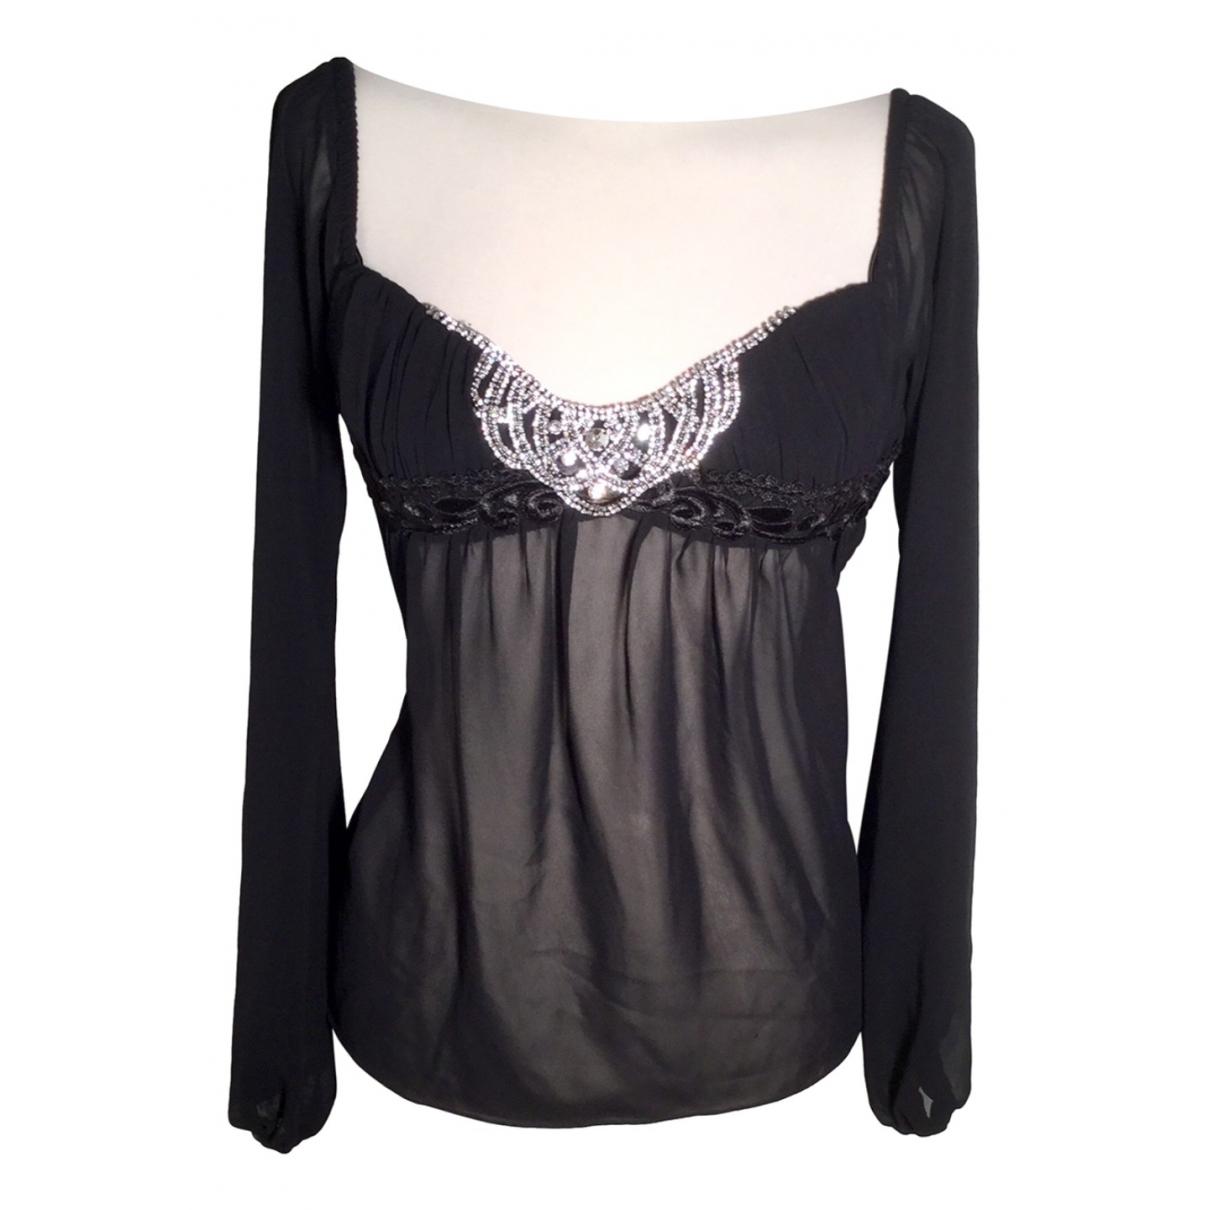 Dolce & Gabbana \N Black Glitter  top for Women S International